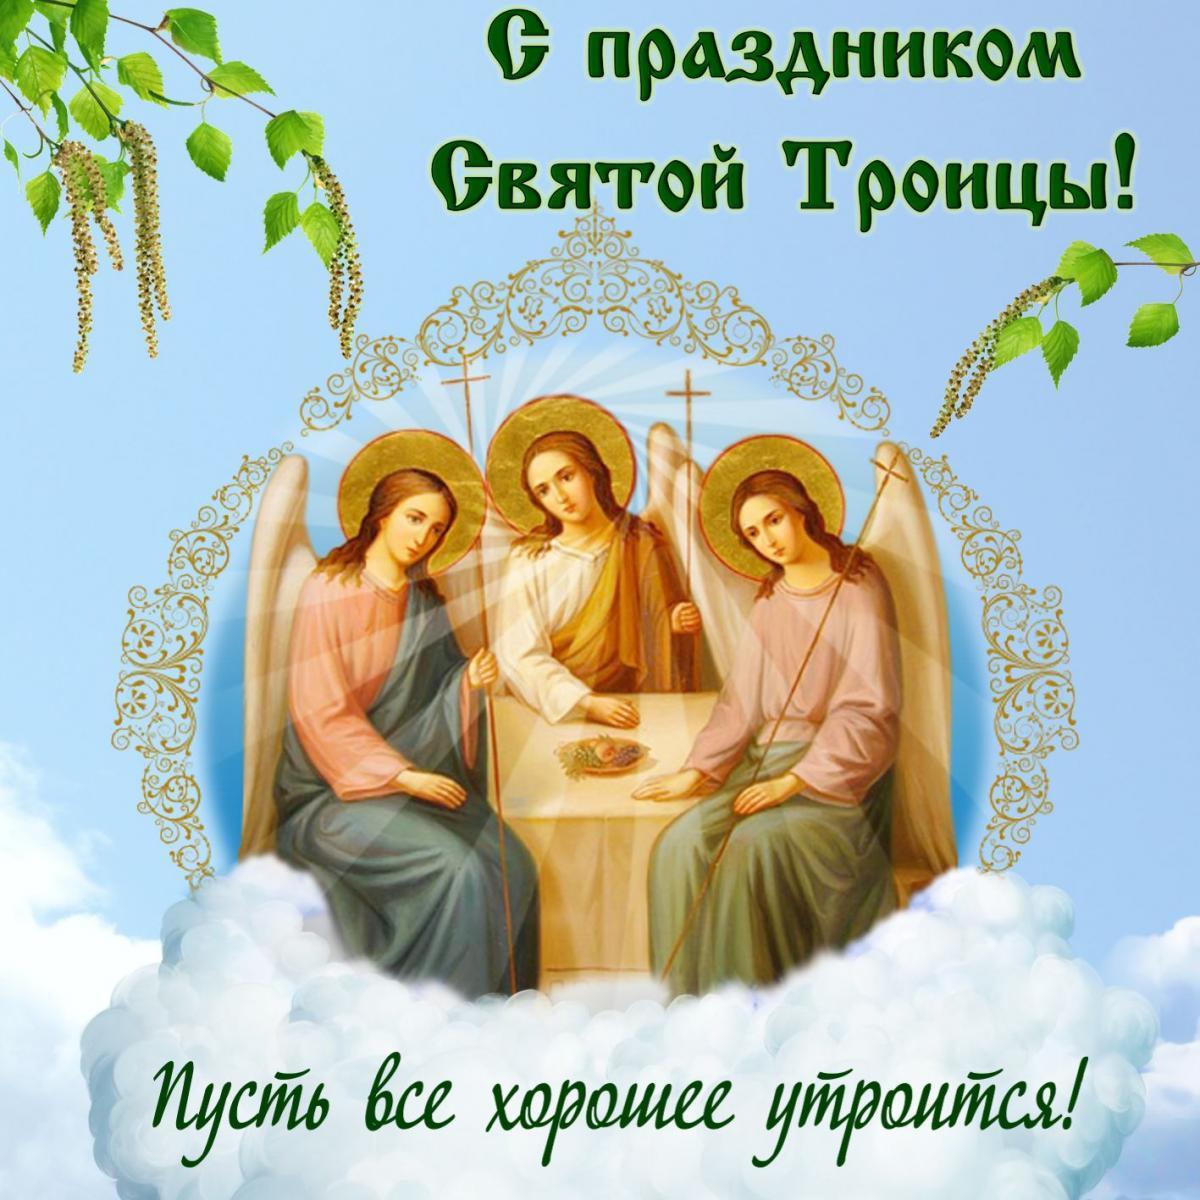 Картинки и открытки с Зелеными праздниками / kartinki-life.ru